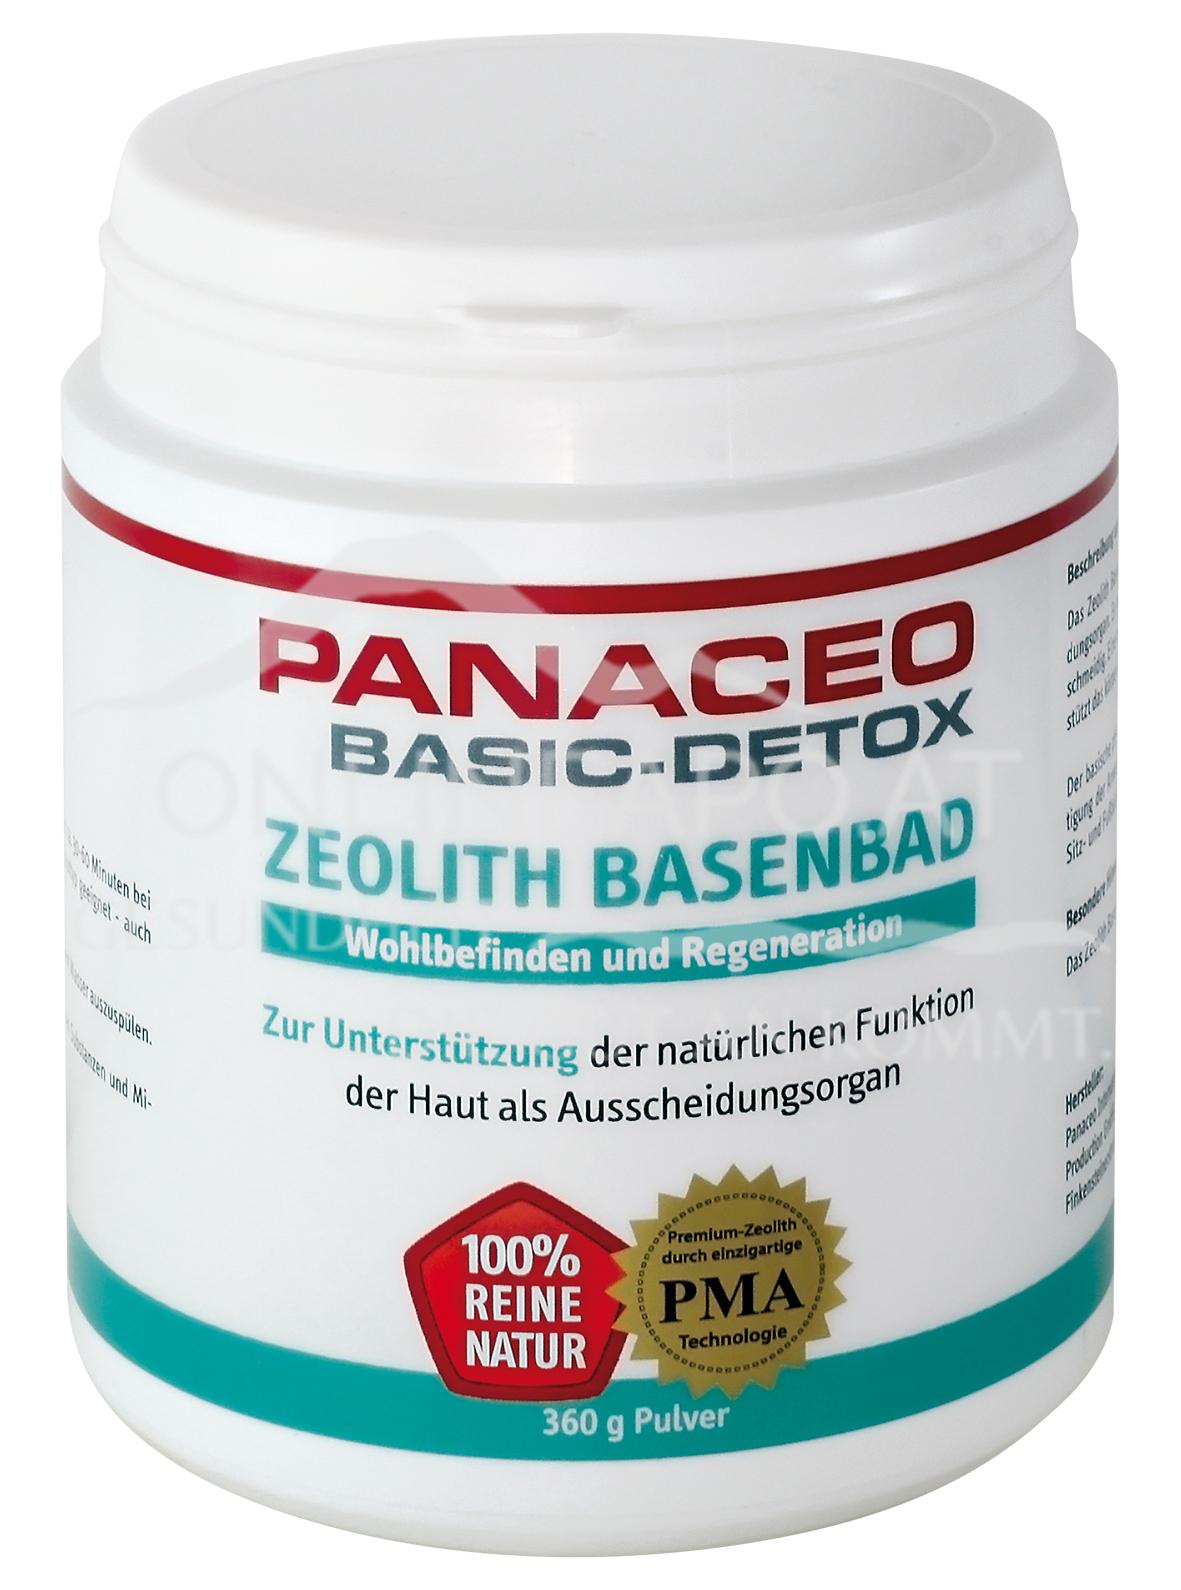 Panaceo Zeolith Basenbad